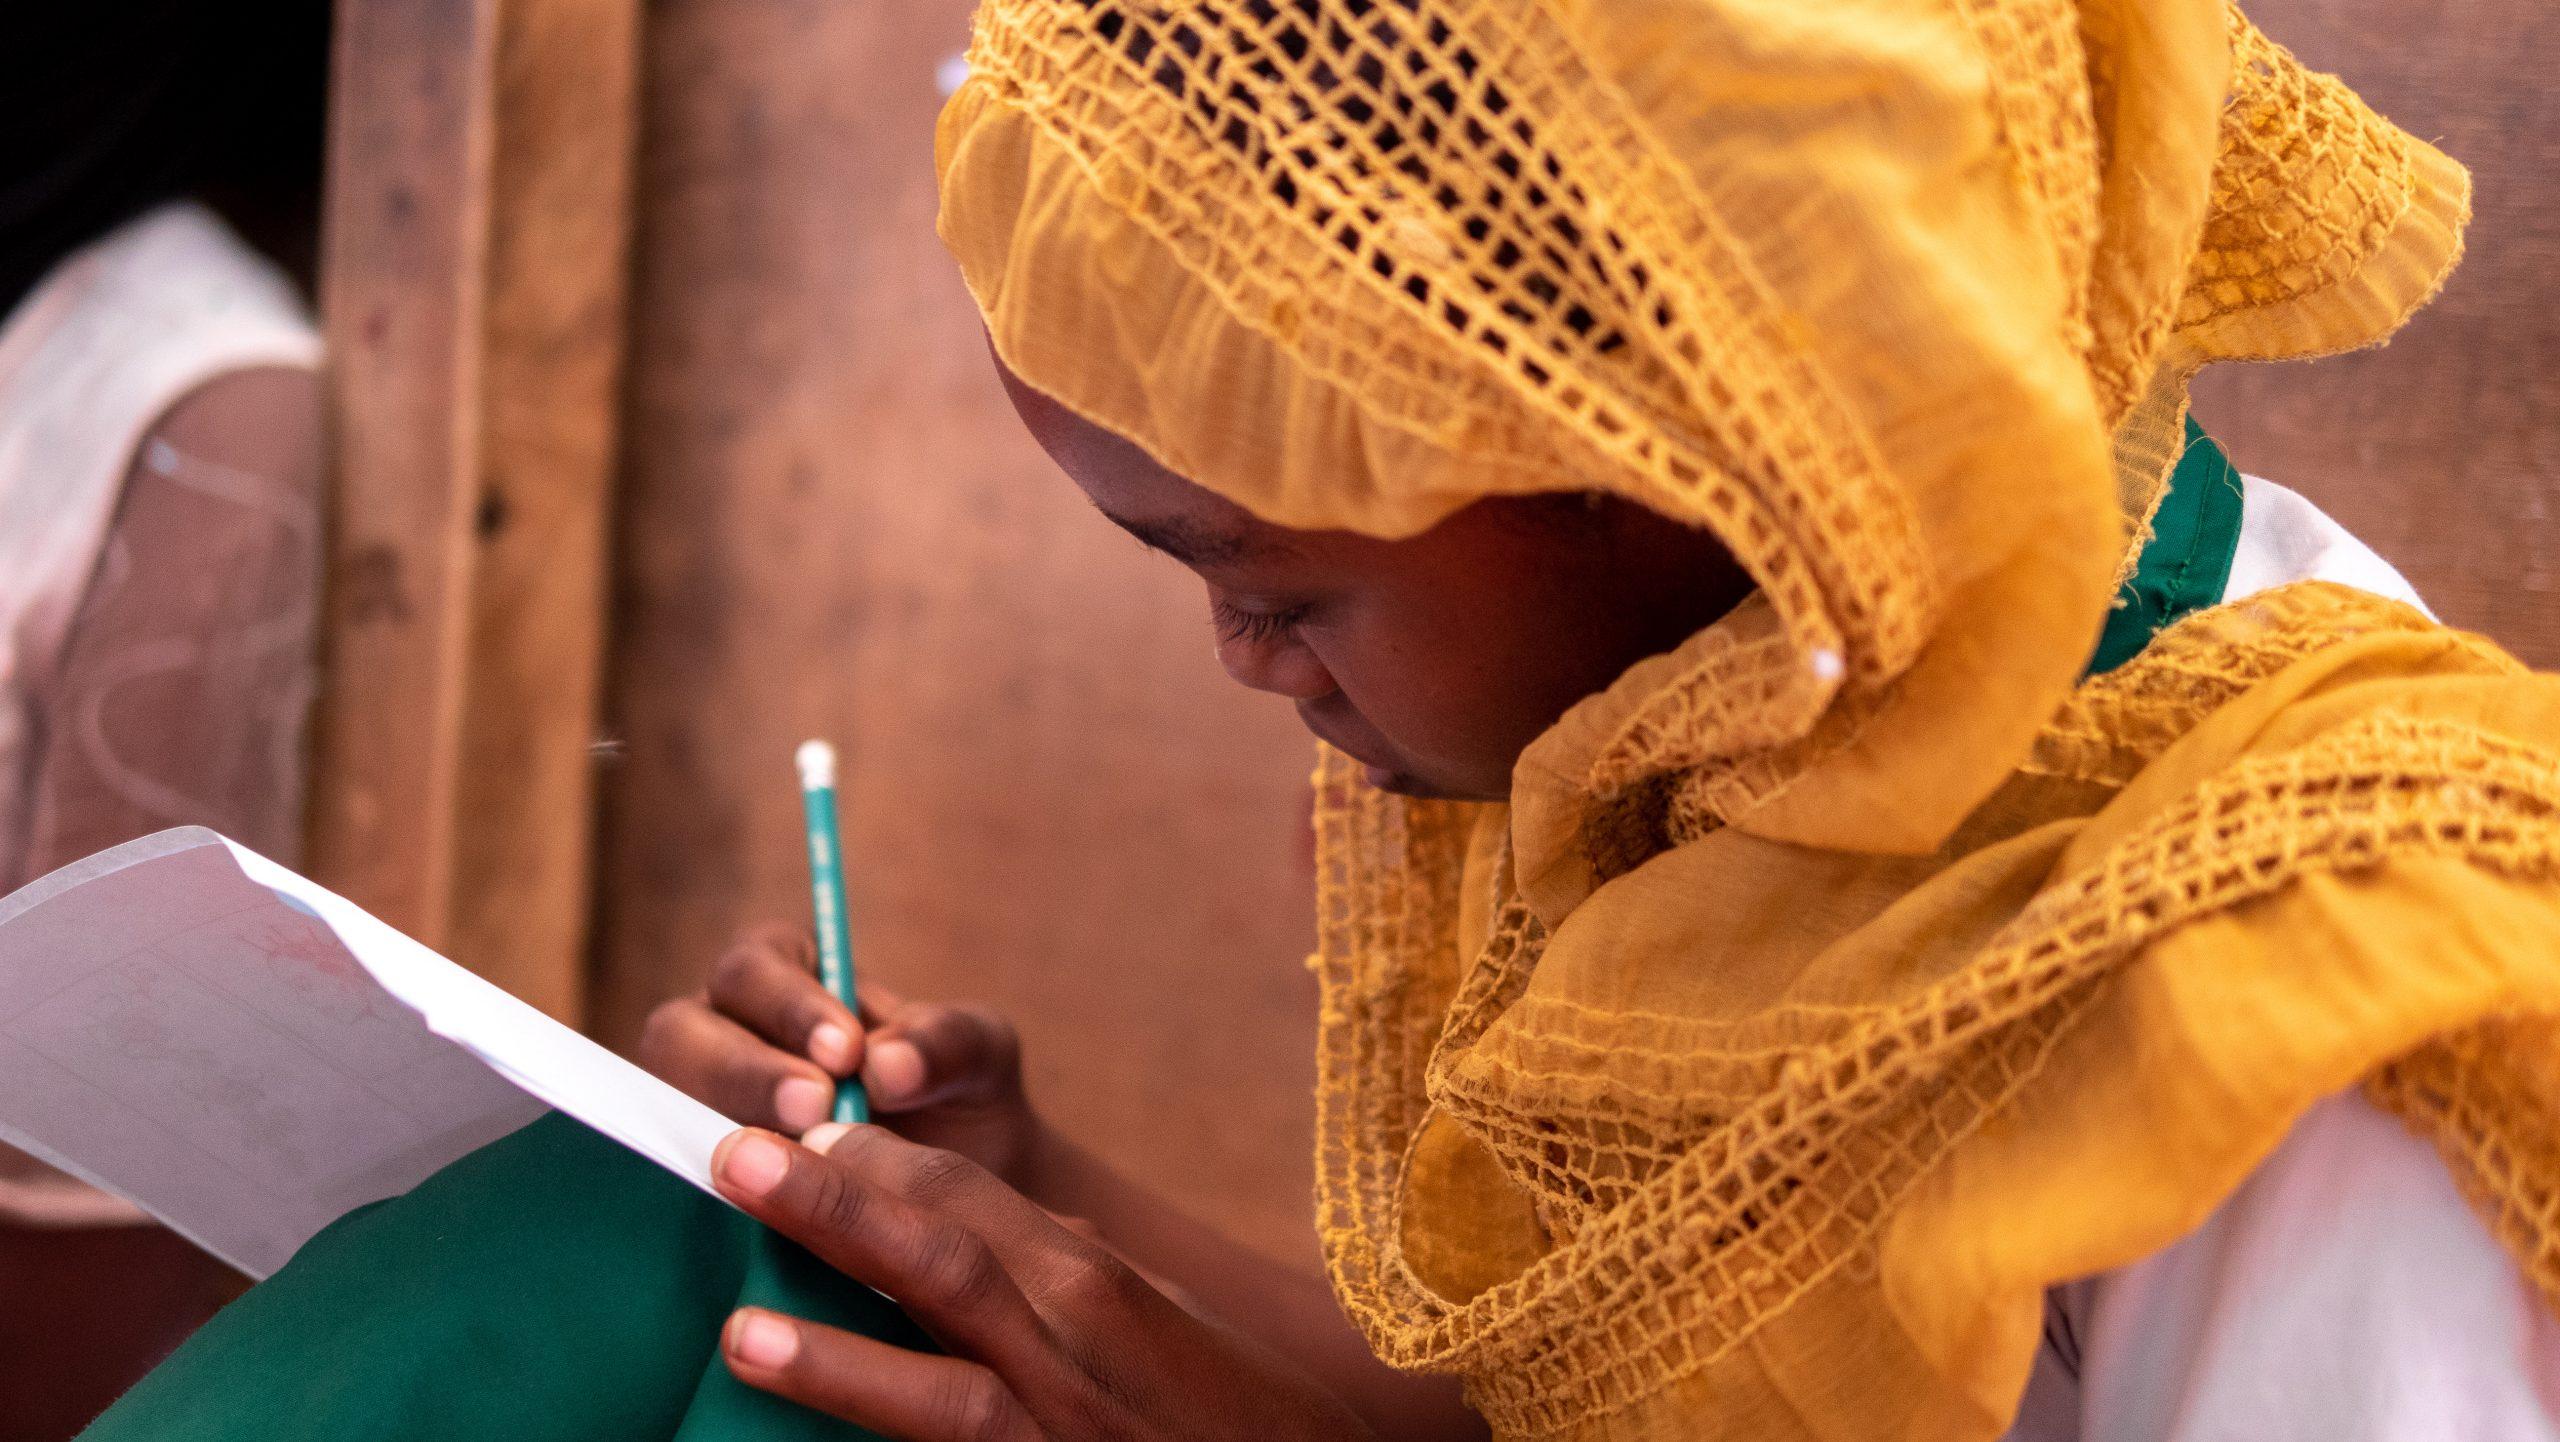 Afaf y el huevo dorado, un cuento escrito con el coraje de las niñas